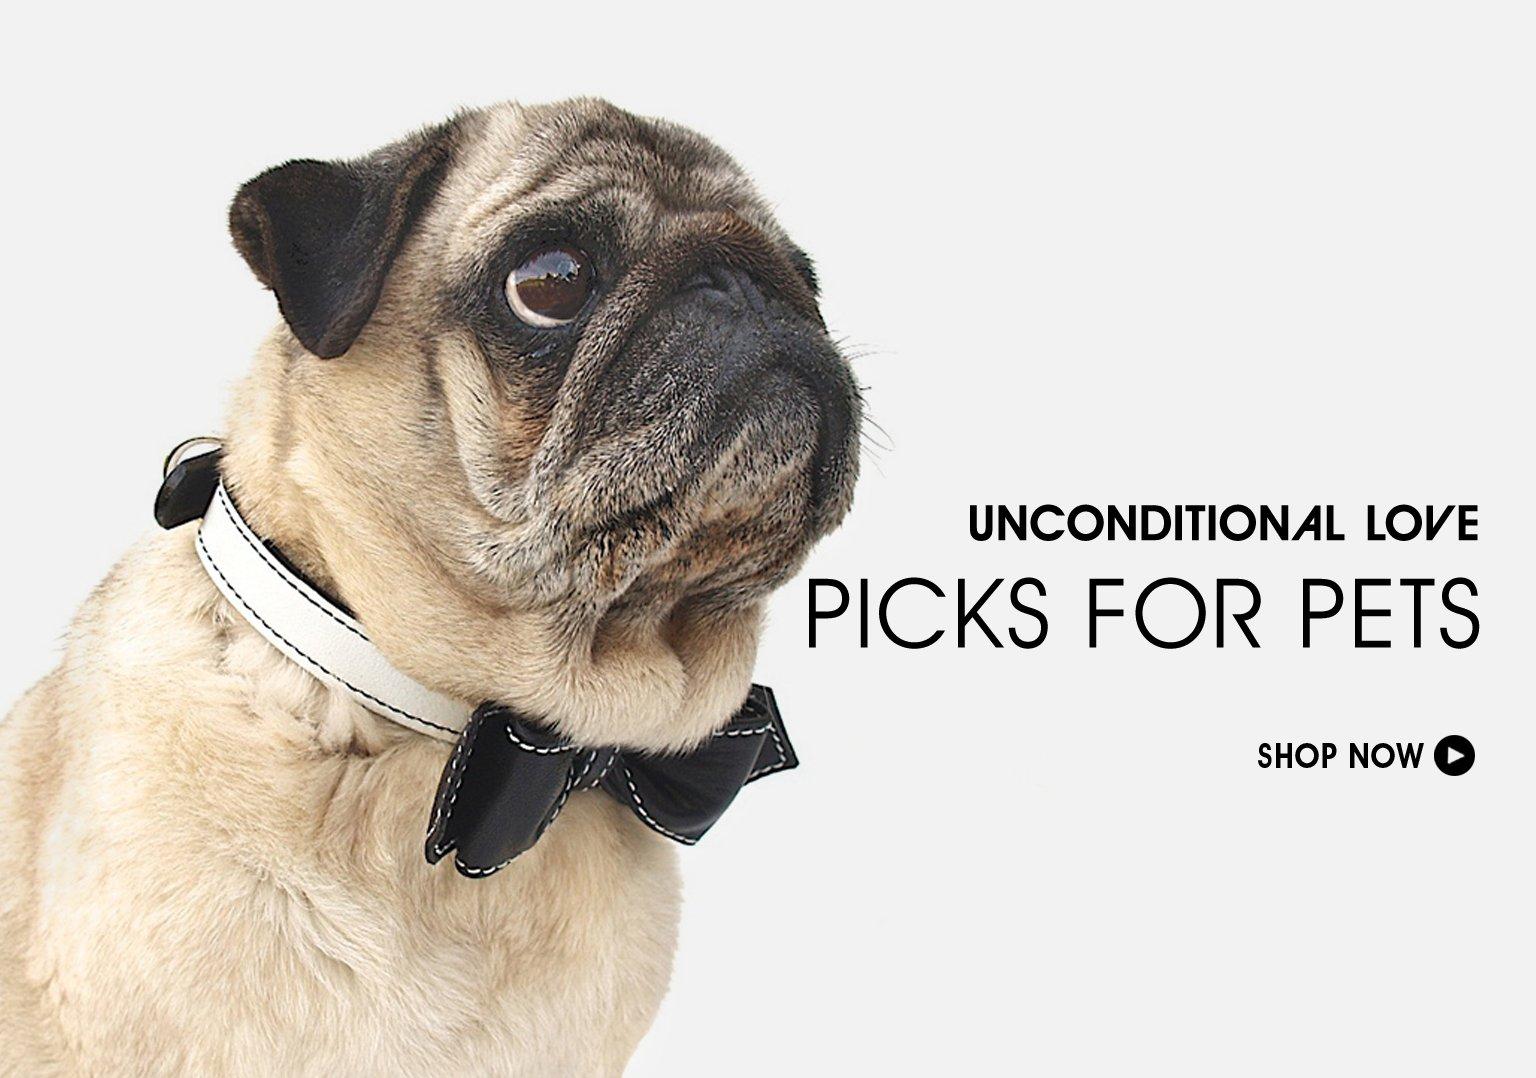 Unconditional Love. Shop Picks For Pets.